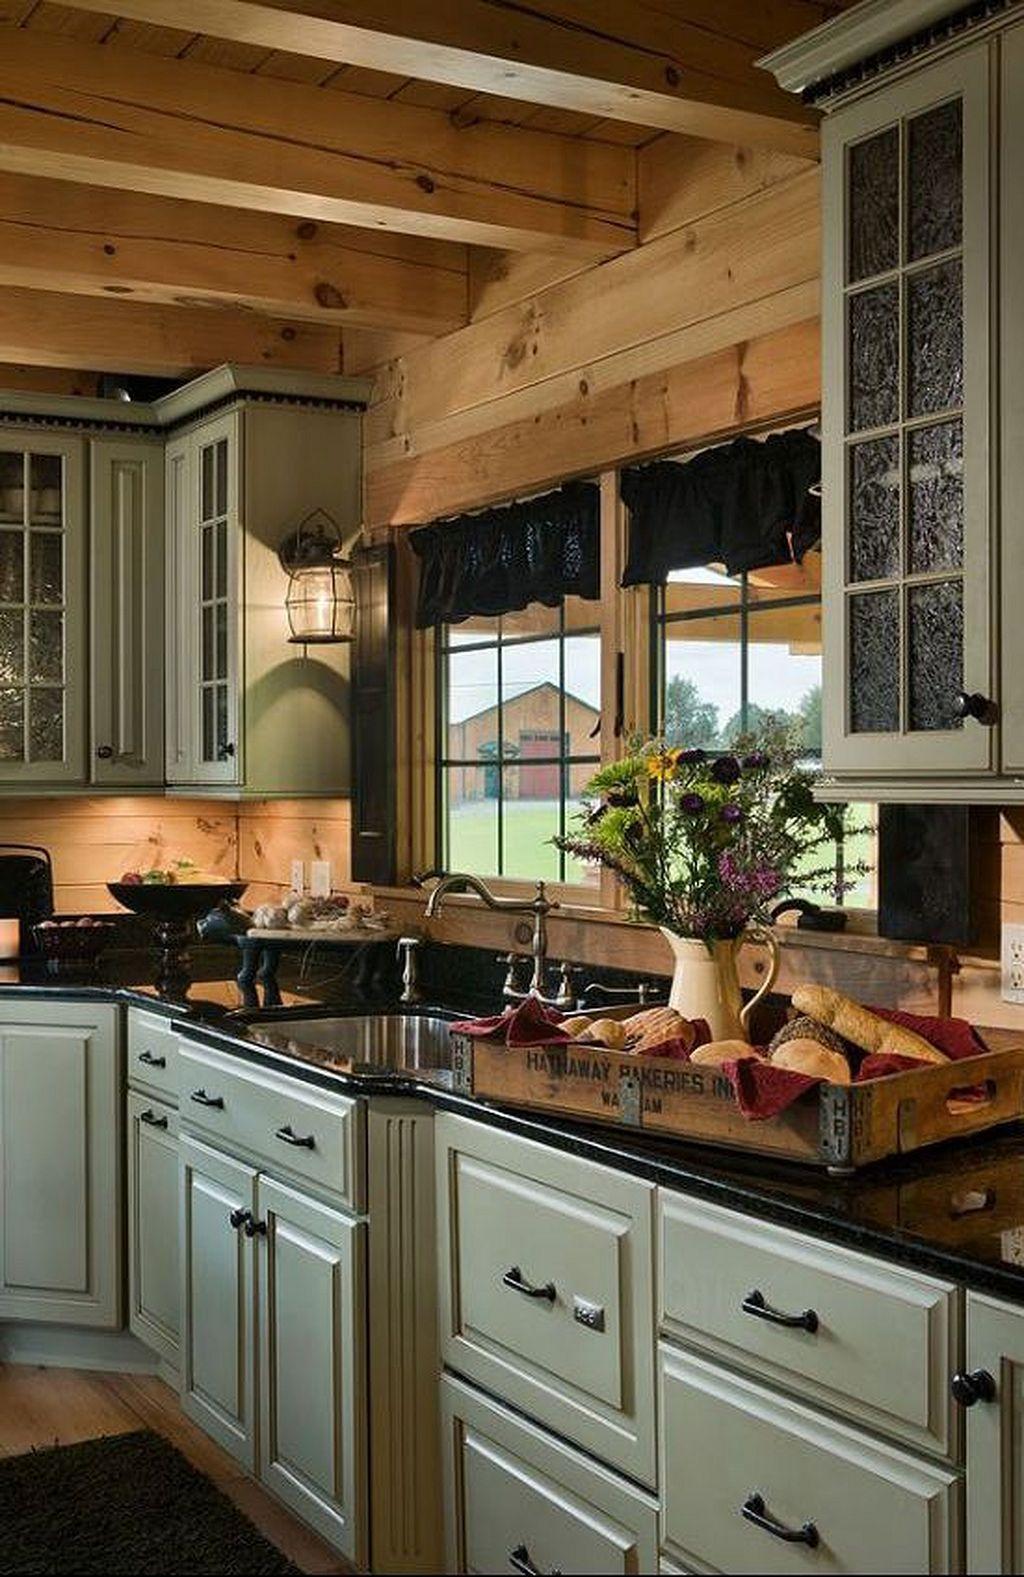 72 Log Cabin Kitchen Ideas | Cocinas, Cocina pequeña y Cabañas